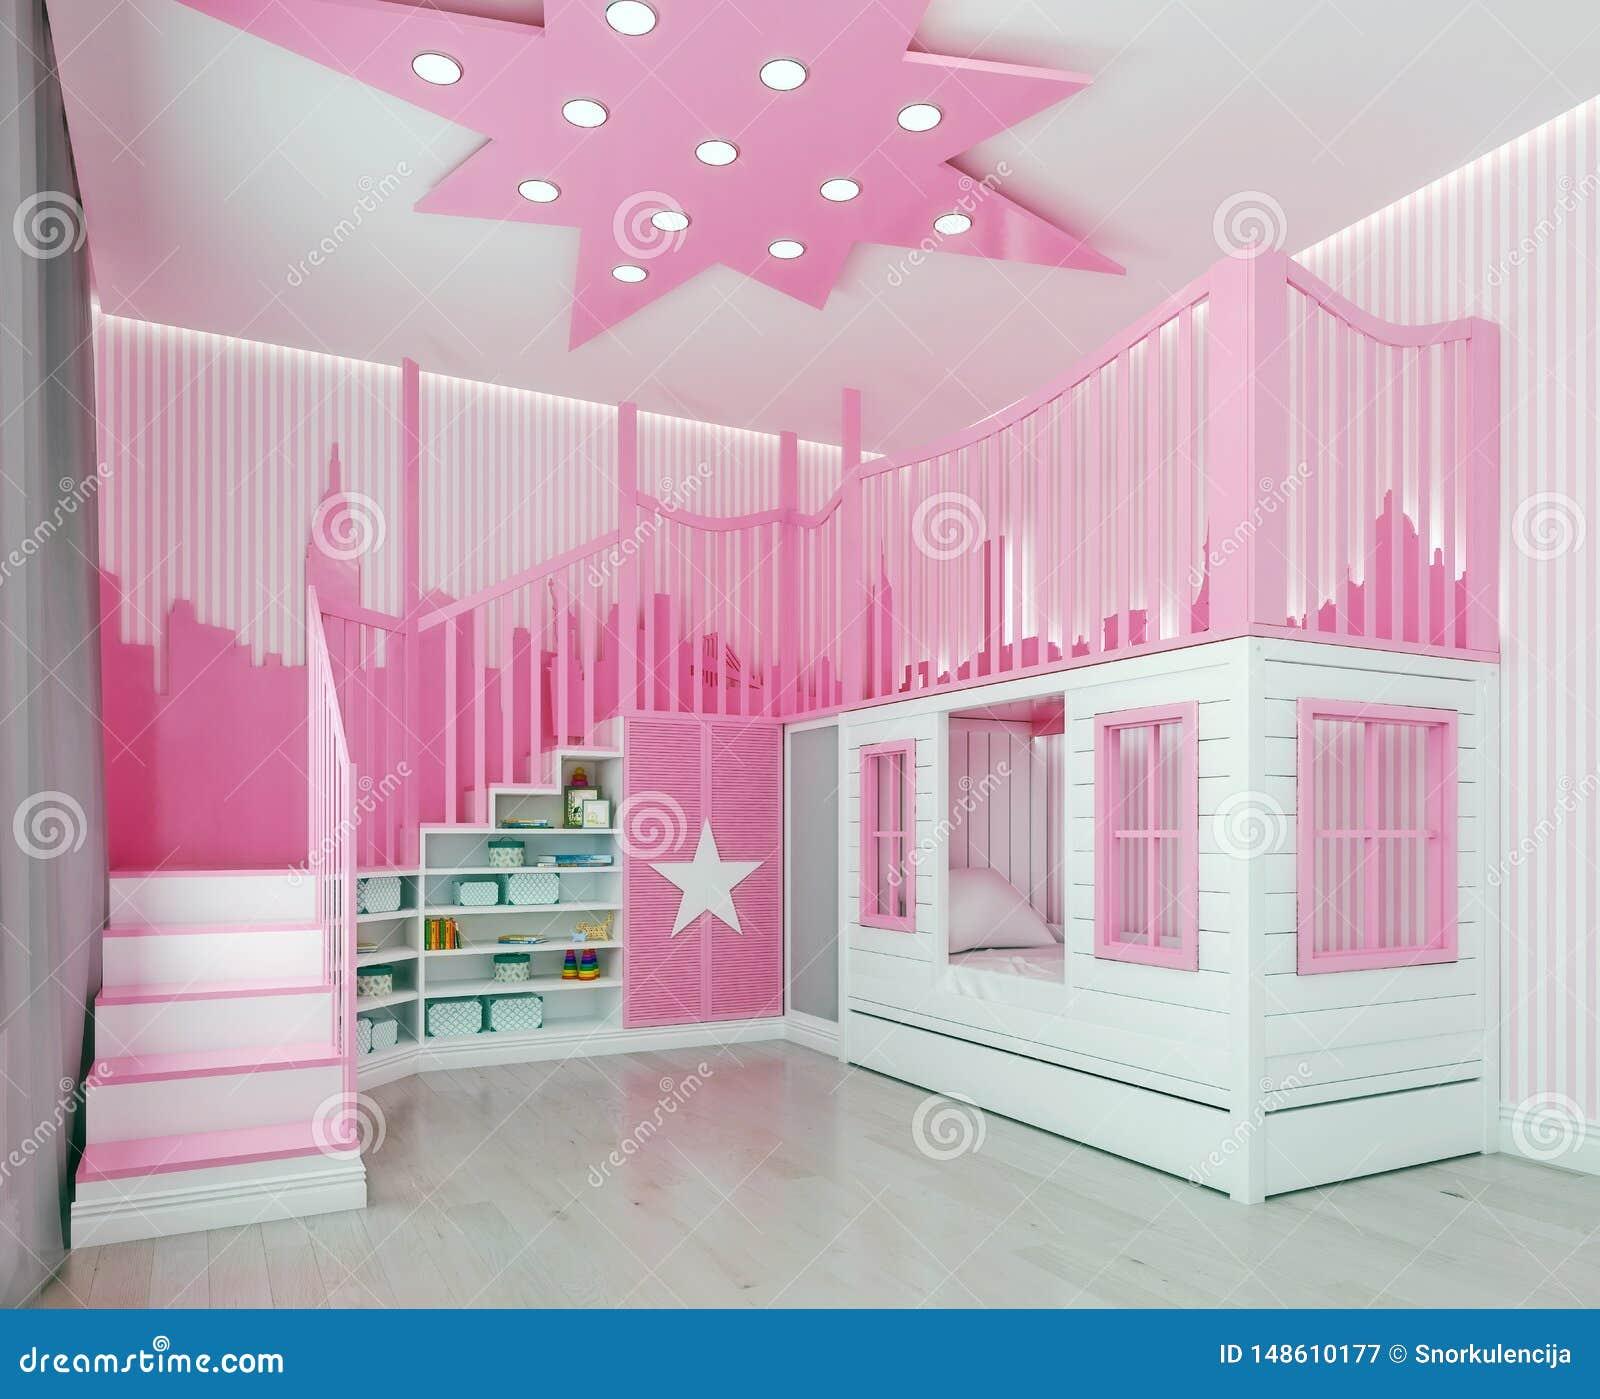 Décor Salle De Jeux chambre à coucher moderne d'enfants de conception intérieure